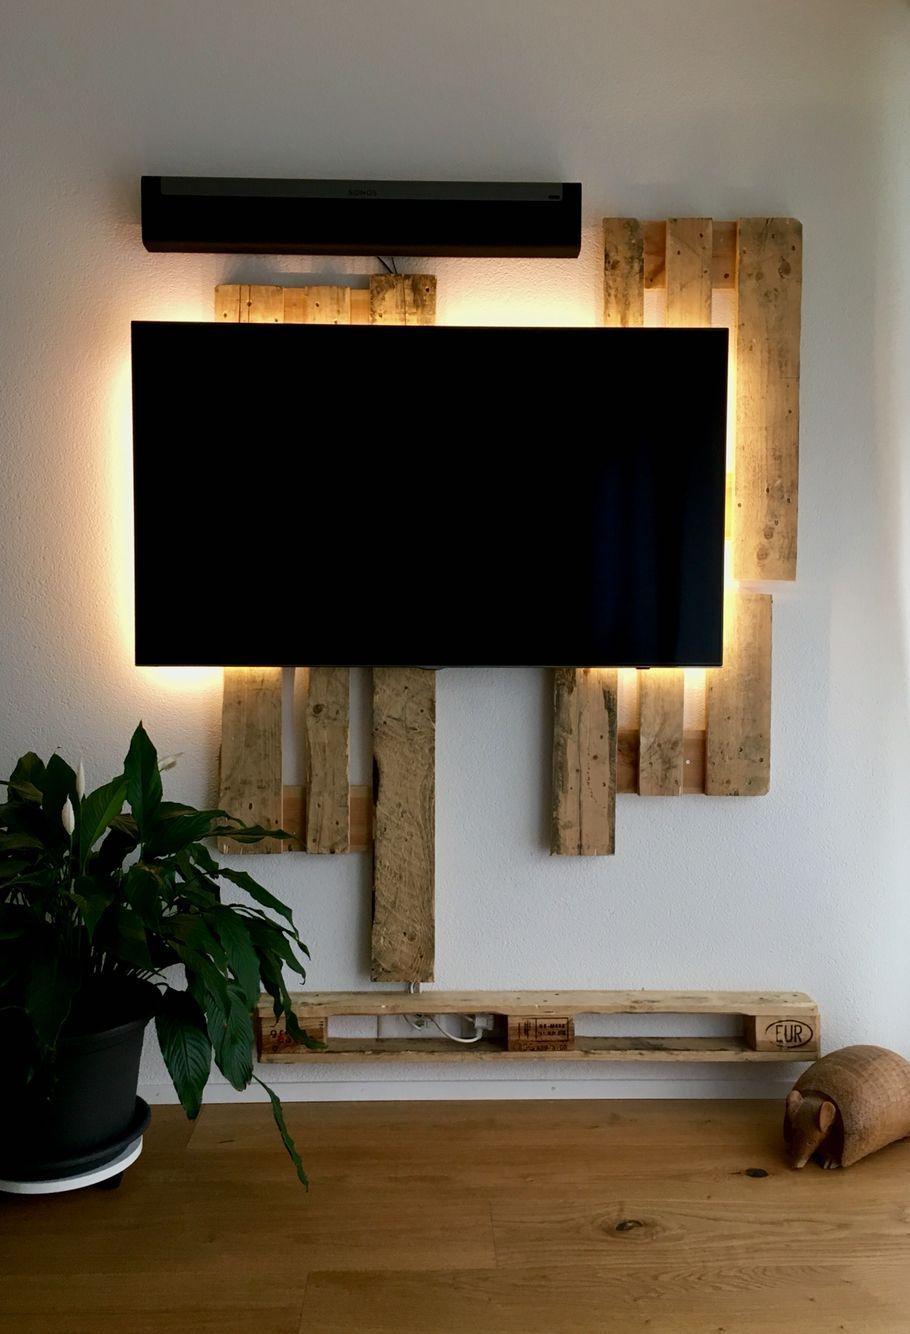 Tv Ruckwand Aus Paletten Und Led Beleuchtung Led Beleuchtung Wohnzimmer Beleuchtung Wohnzimmer Holzwand Wohnzimmer